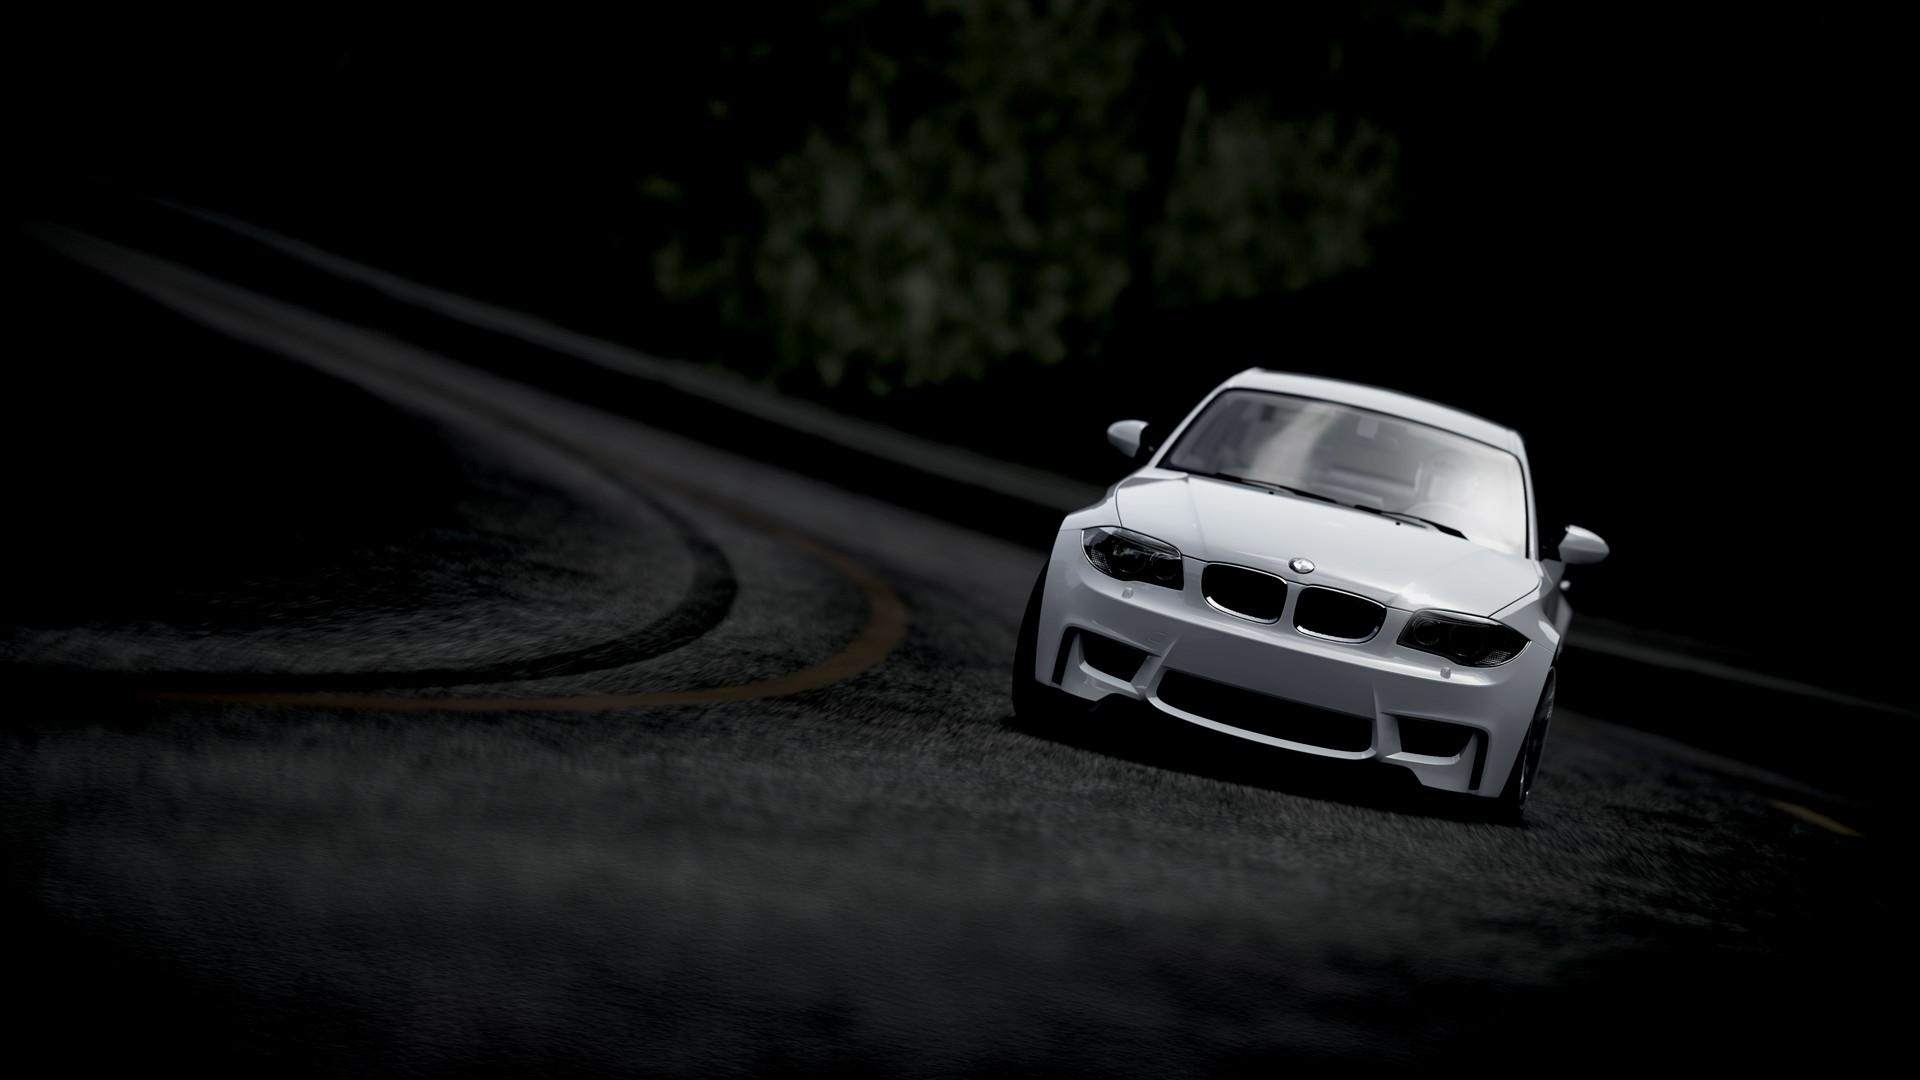 BMW wallpapers, обои для рабочего стола бэха, скачать бесплатно, БМВ, car wallpaper, машины